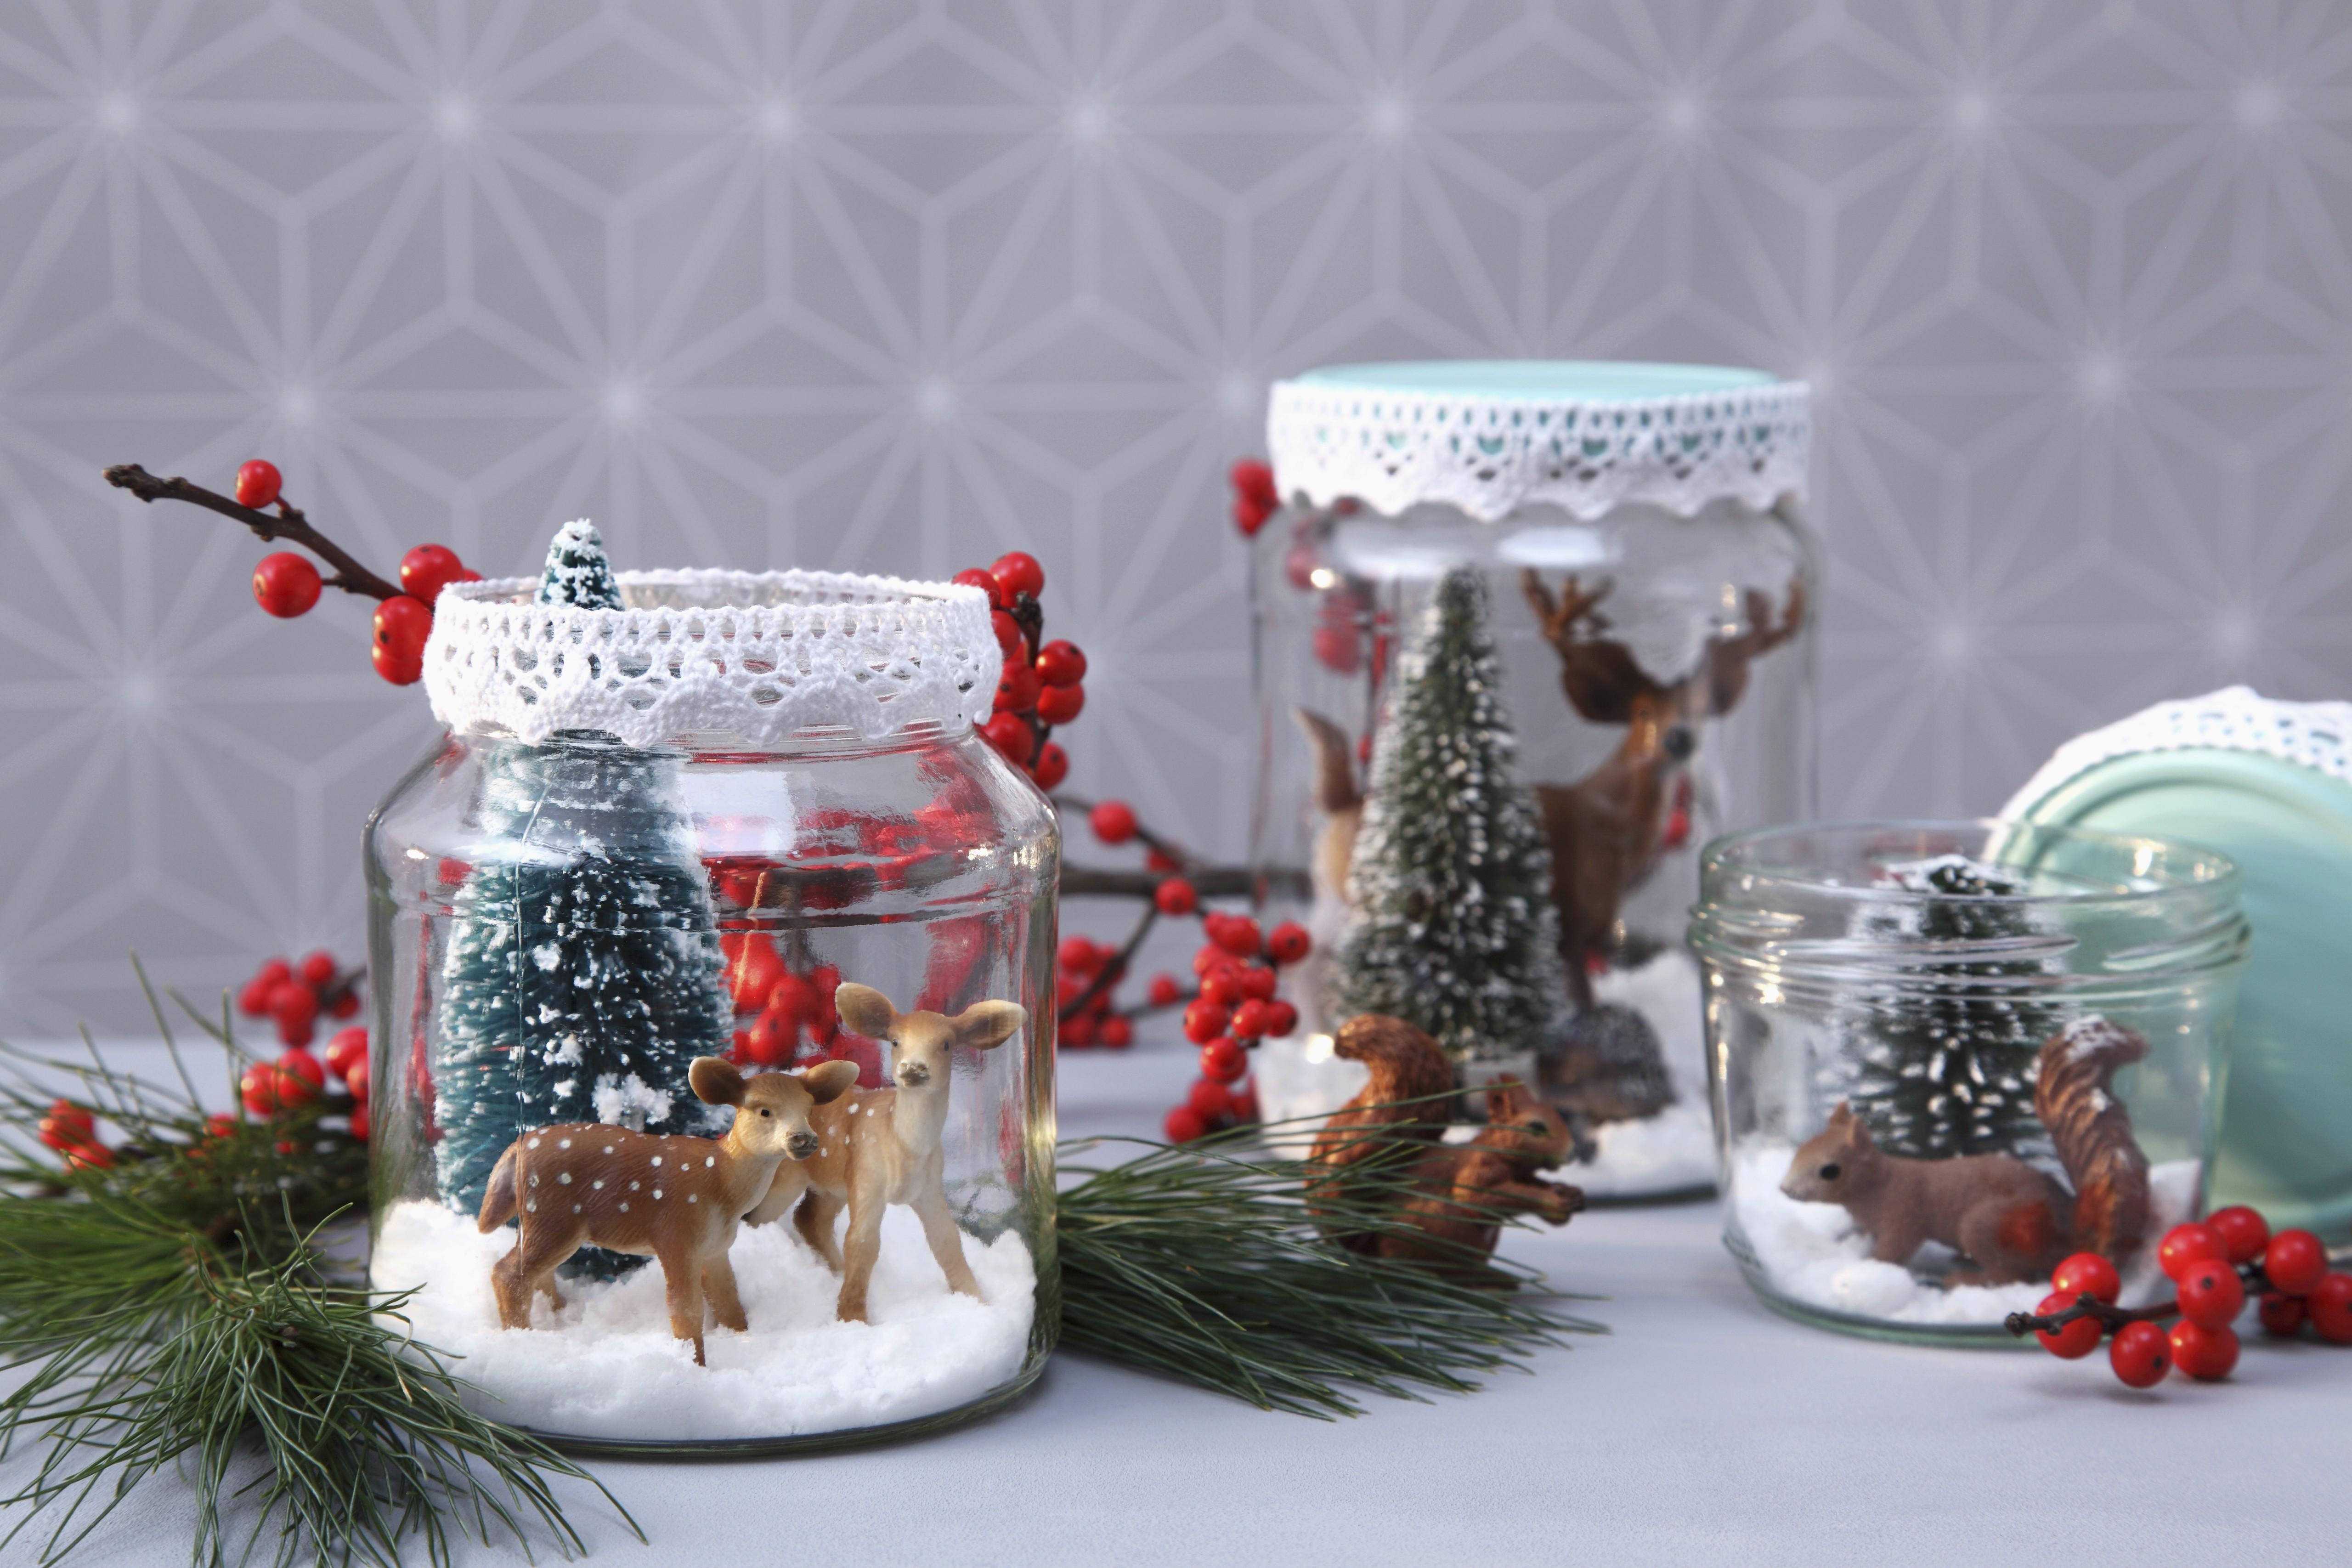 02-6-decoracoes-natal-para-aquecer-coracao